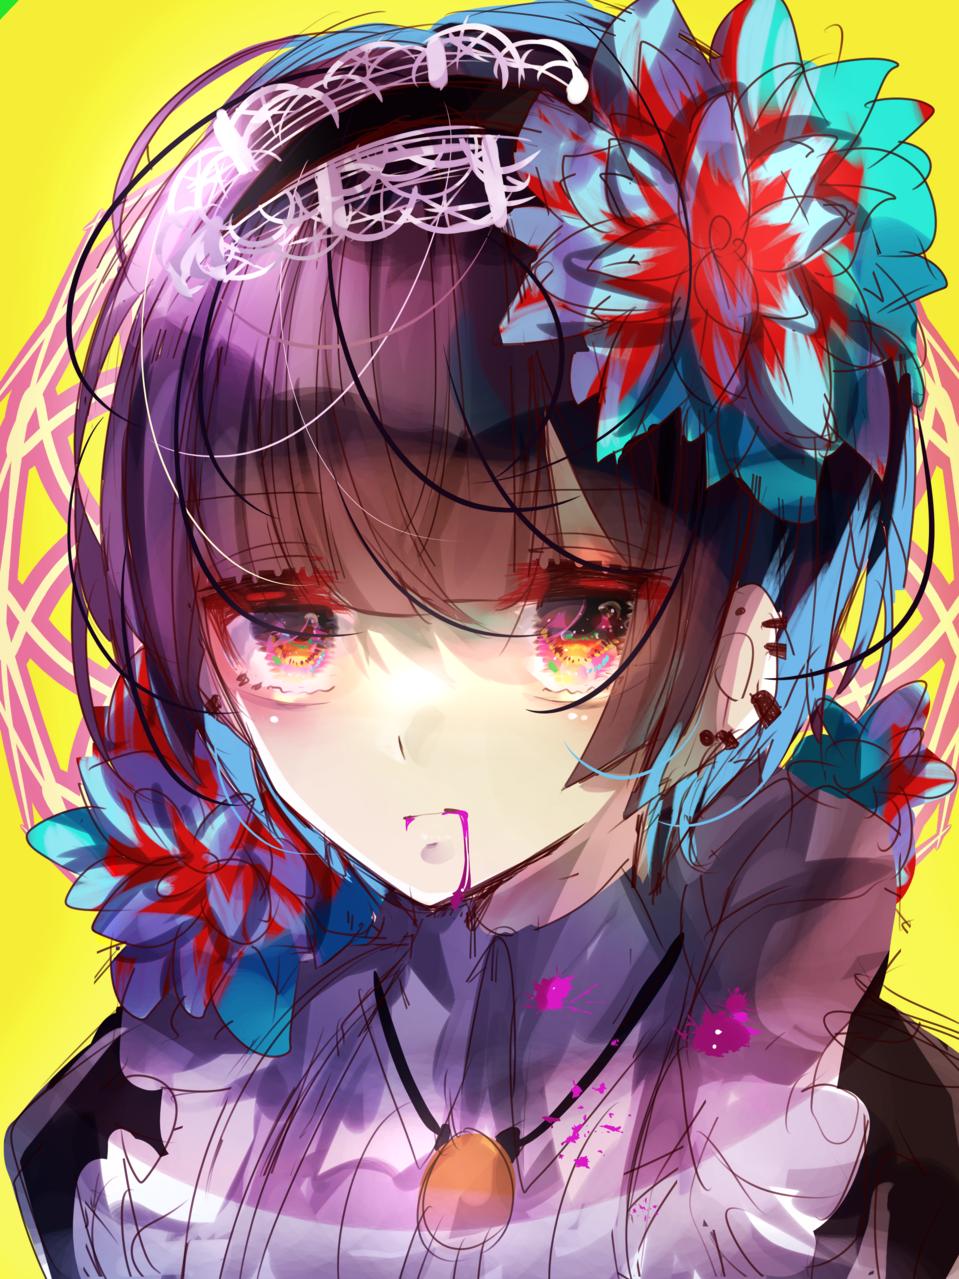 無題 Illust of つぶ ARTstreet_Ranking April.2020Contest:Color medibangpaint girl oc original